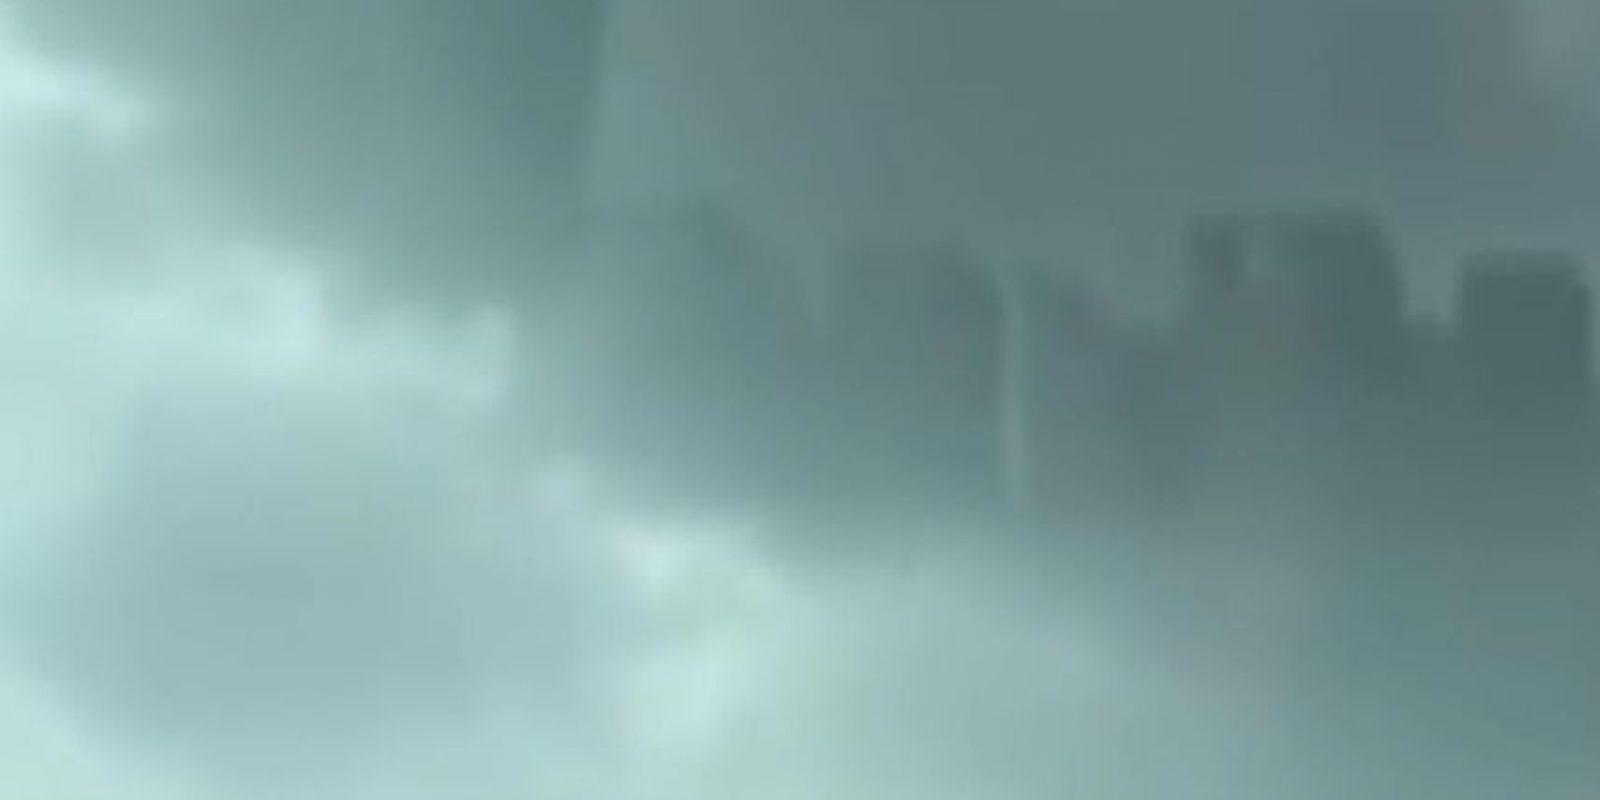 """Jill Coleman, científica atmosférica de la Universidad Estatal Ball en Muncie, Indiana, dijo a la revista """"National Geographic"""" que """"de ser real, se llamaría un espejismo superior, lo que significa que es un espejismo que se proyecta hacia arriba"""". Sin embargo, """"CNN"""" reseñó que meteorólogos de China aseguraron que el video era falso. Foto:Vía Youtube UFOSightings2010"""